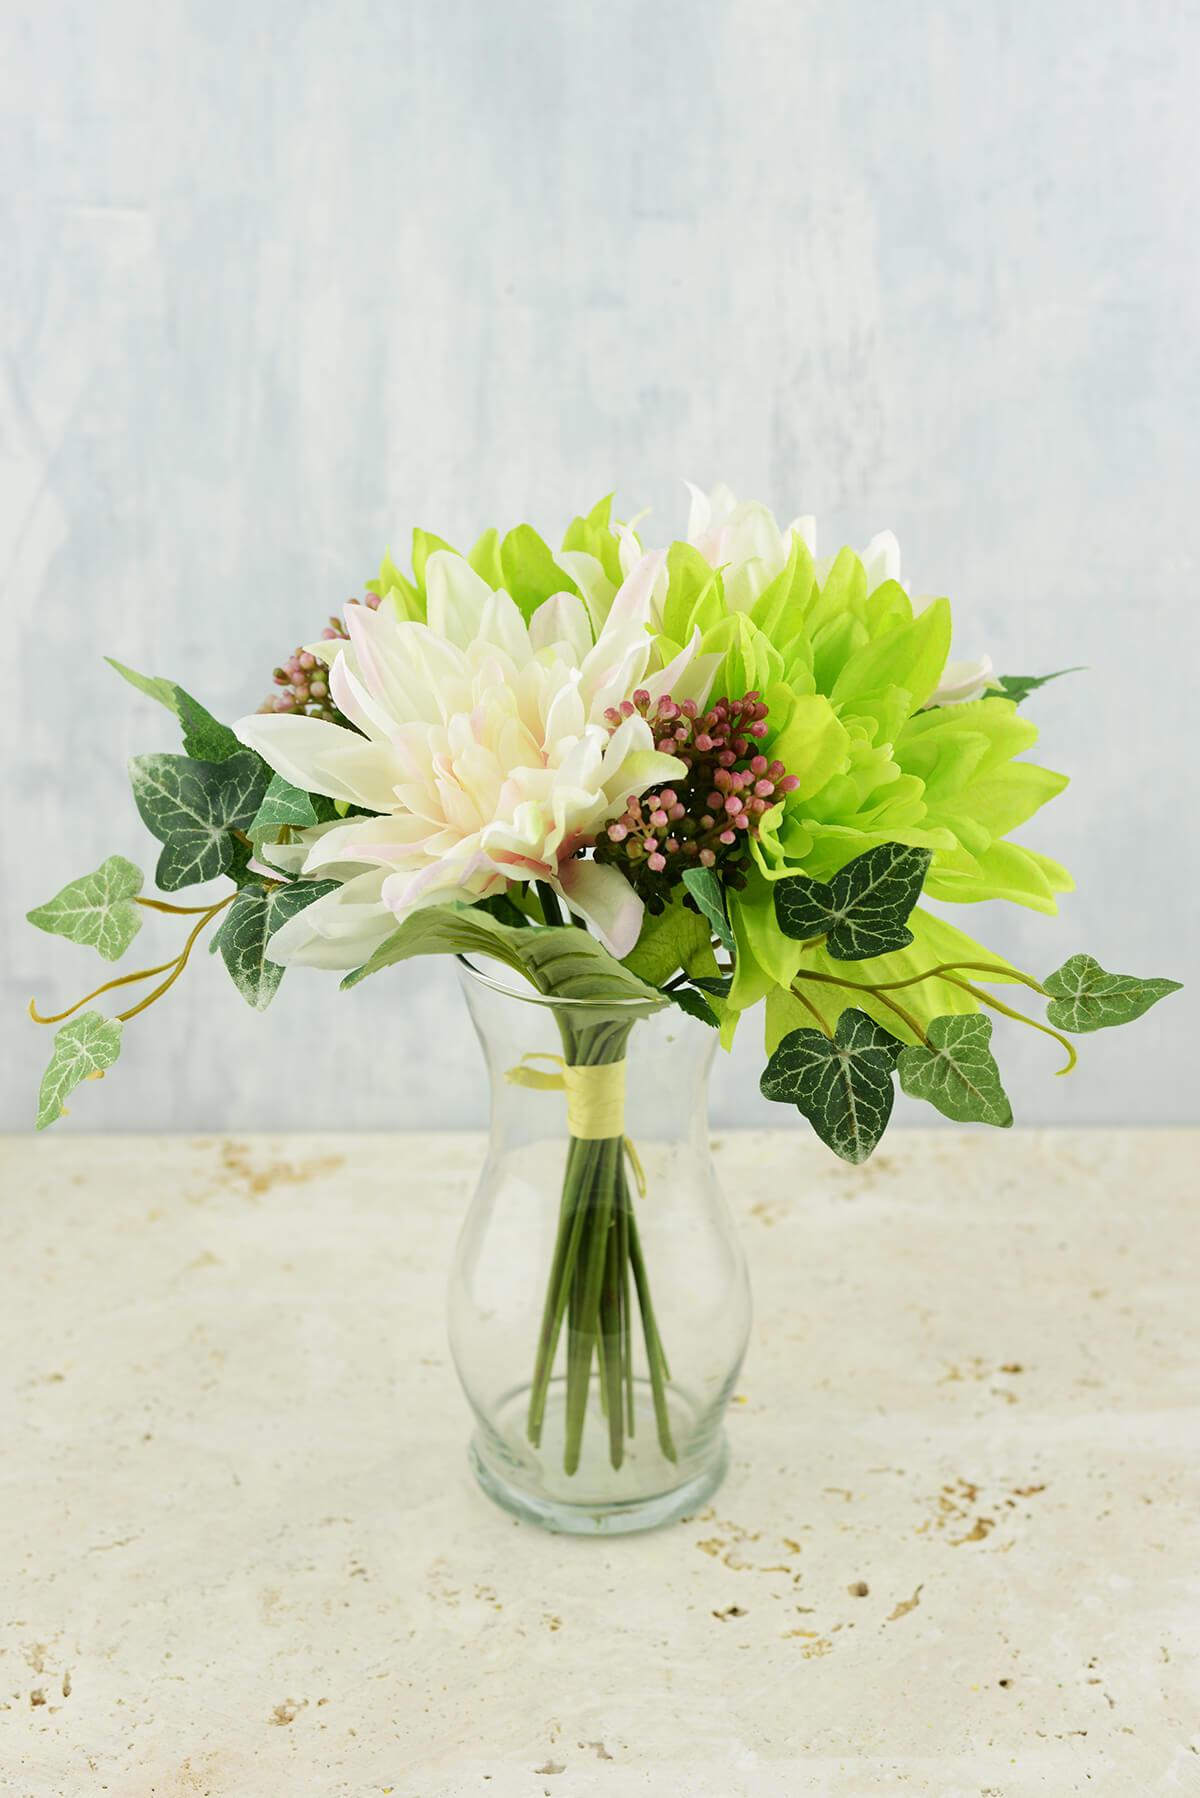 Silk Flower Bouquet Dahlias & Ivy Pink & Green 11in